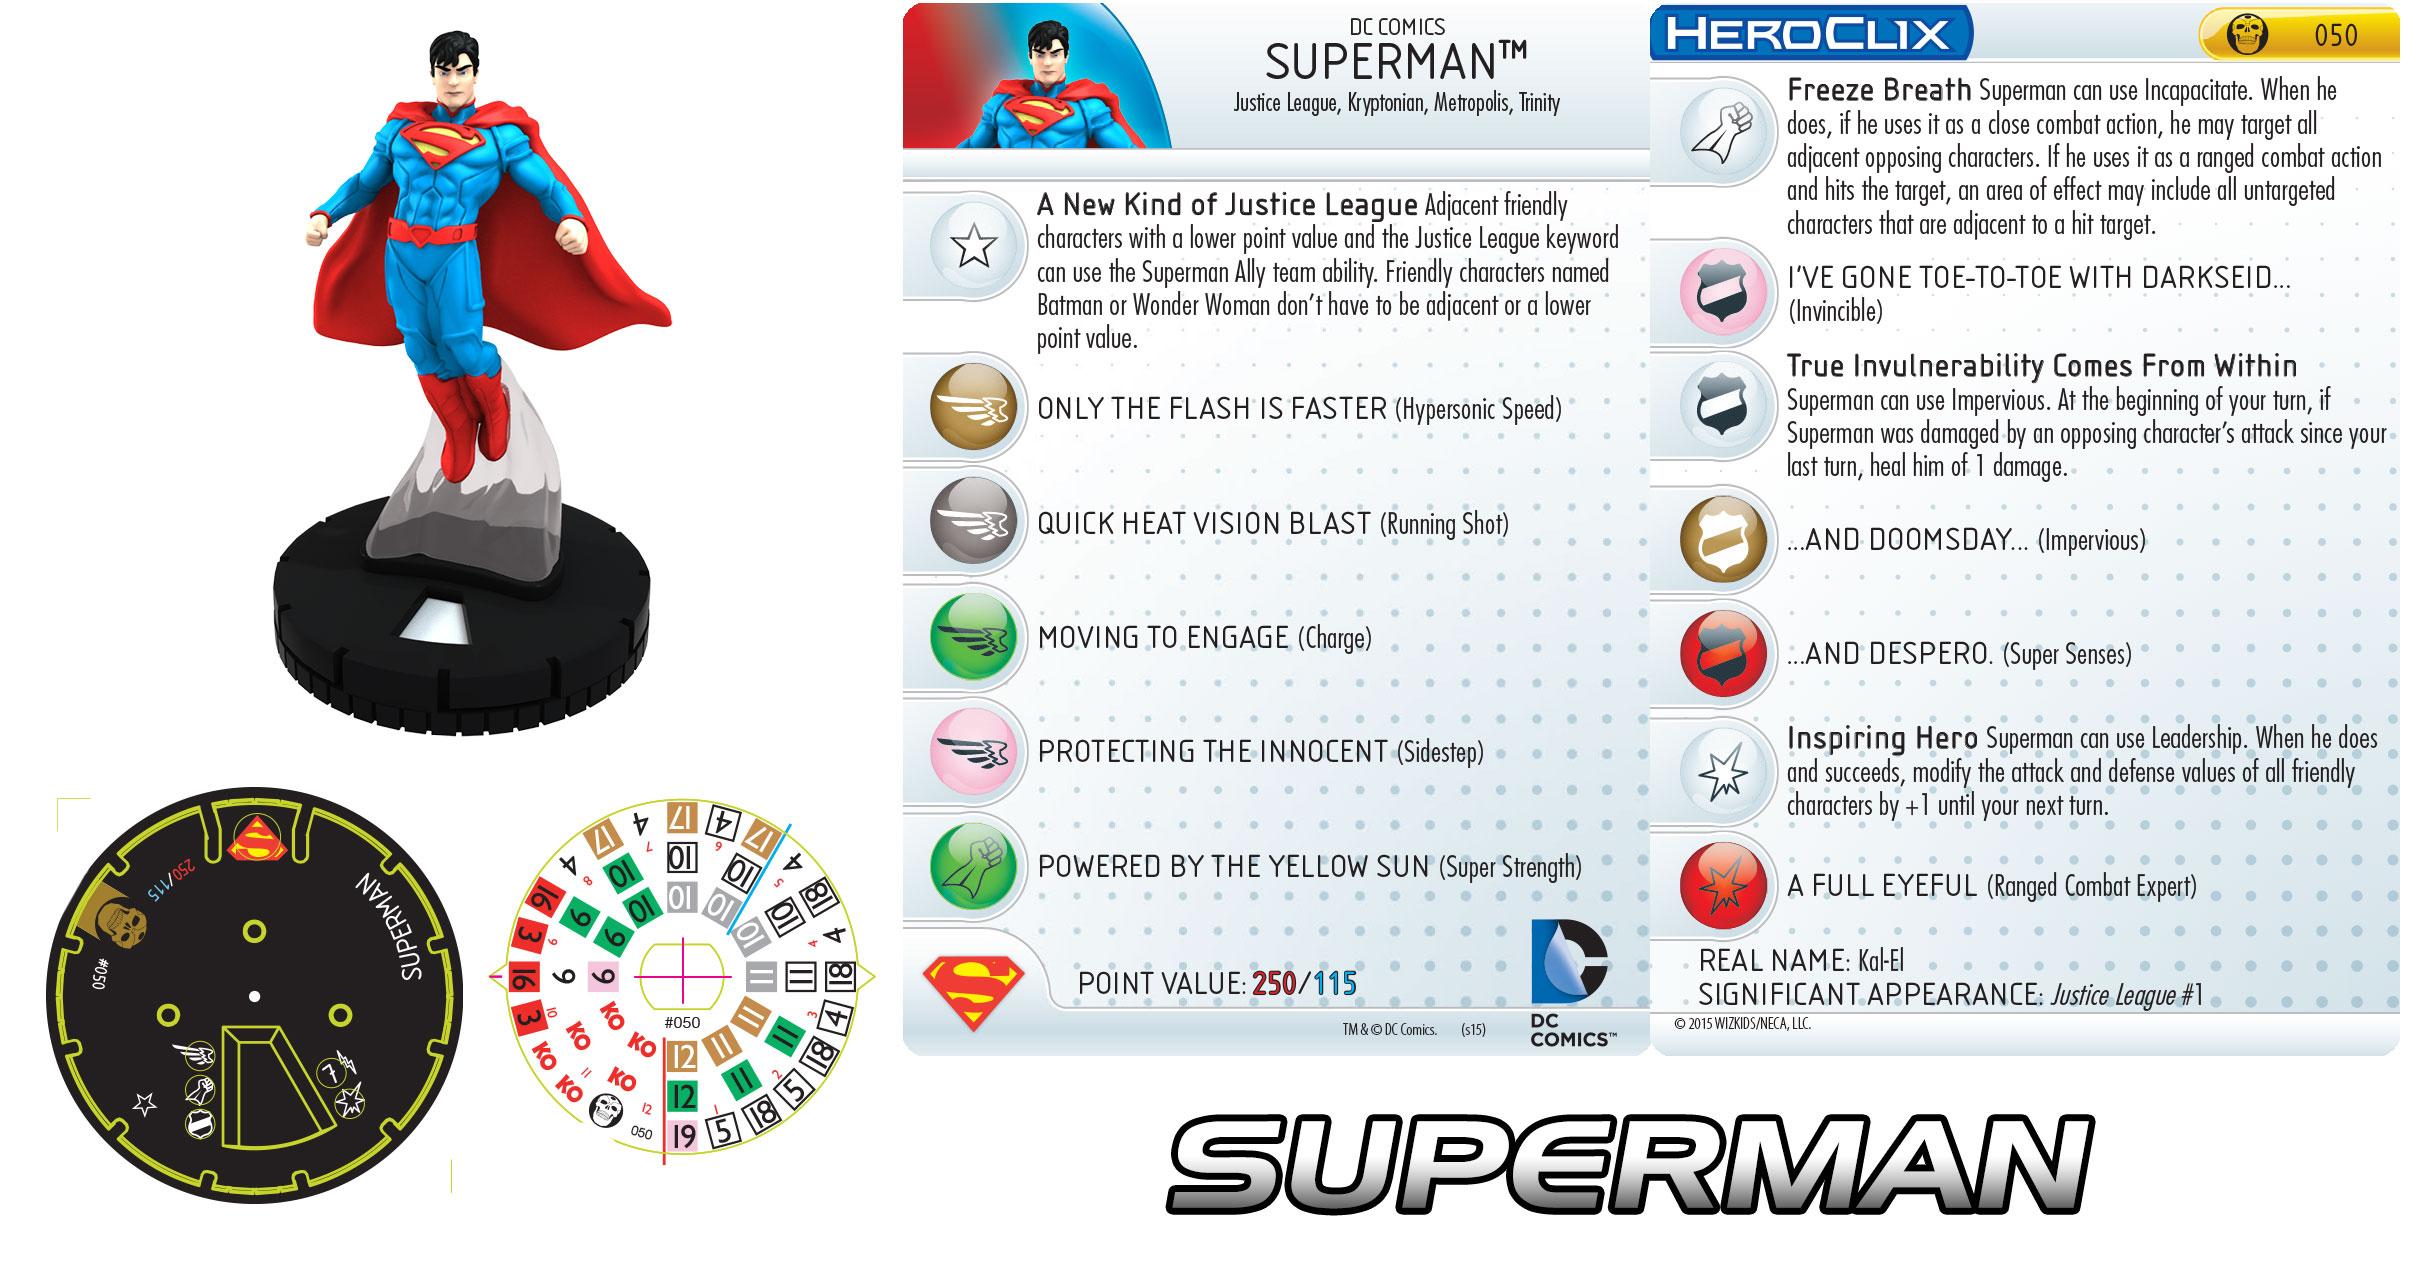 heroclix-superman.jpg